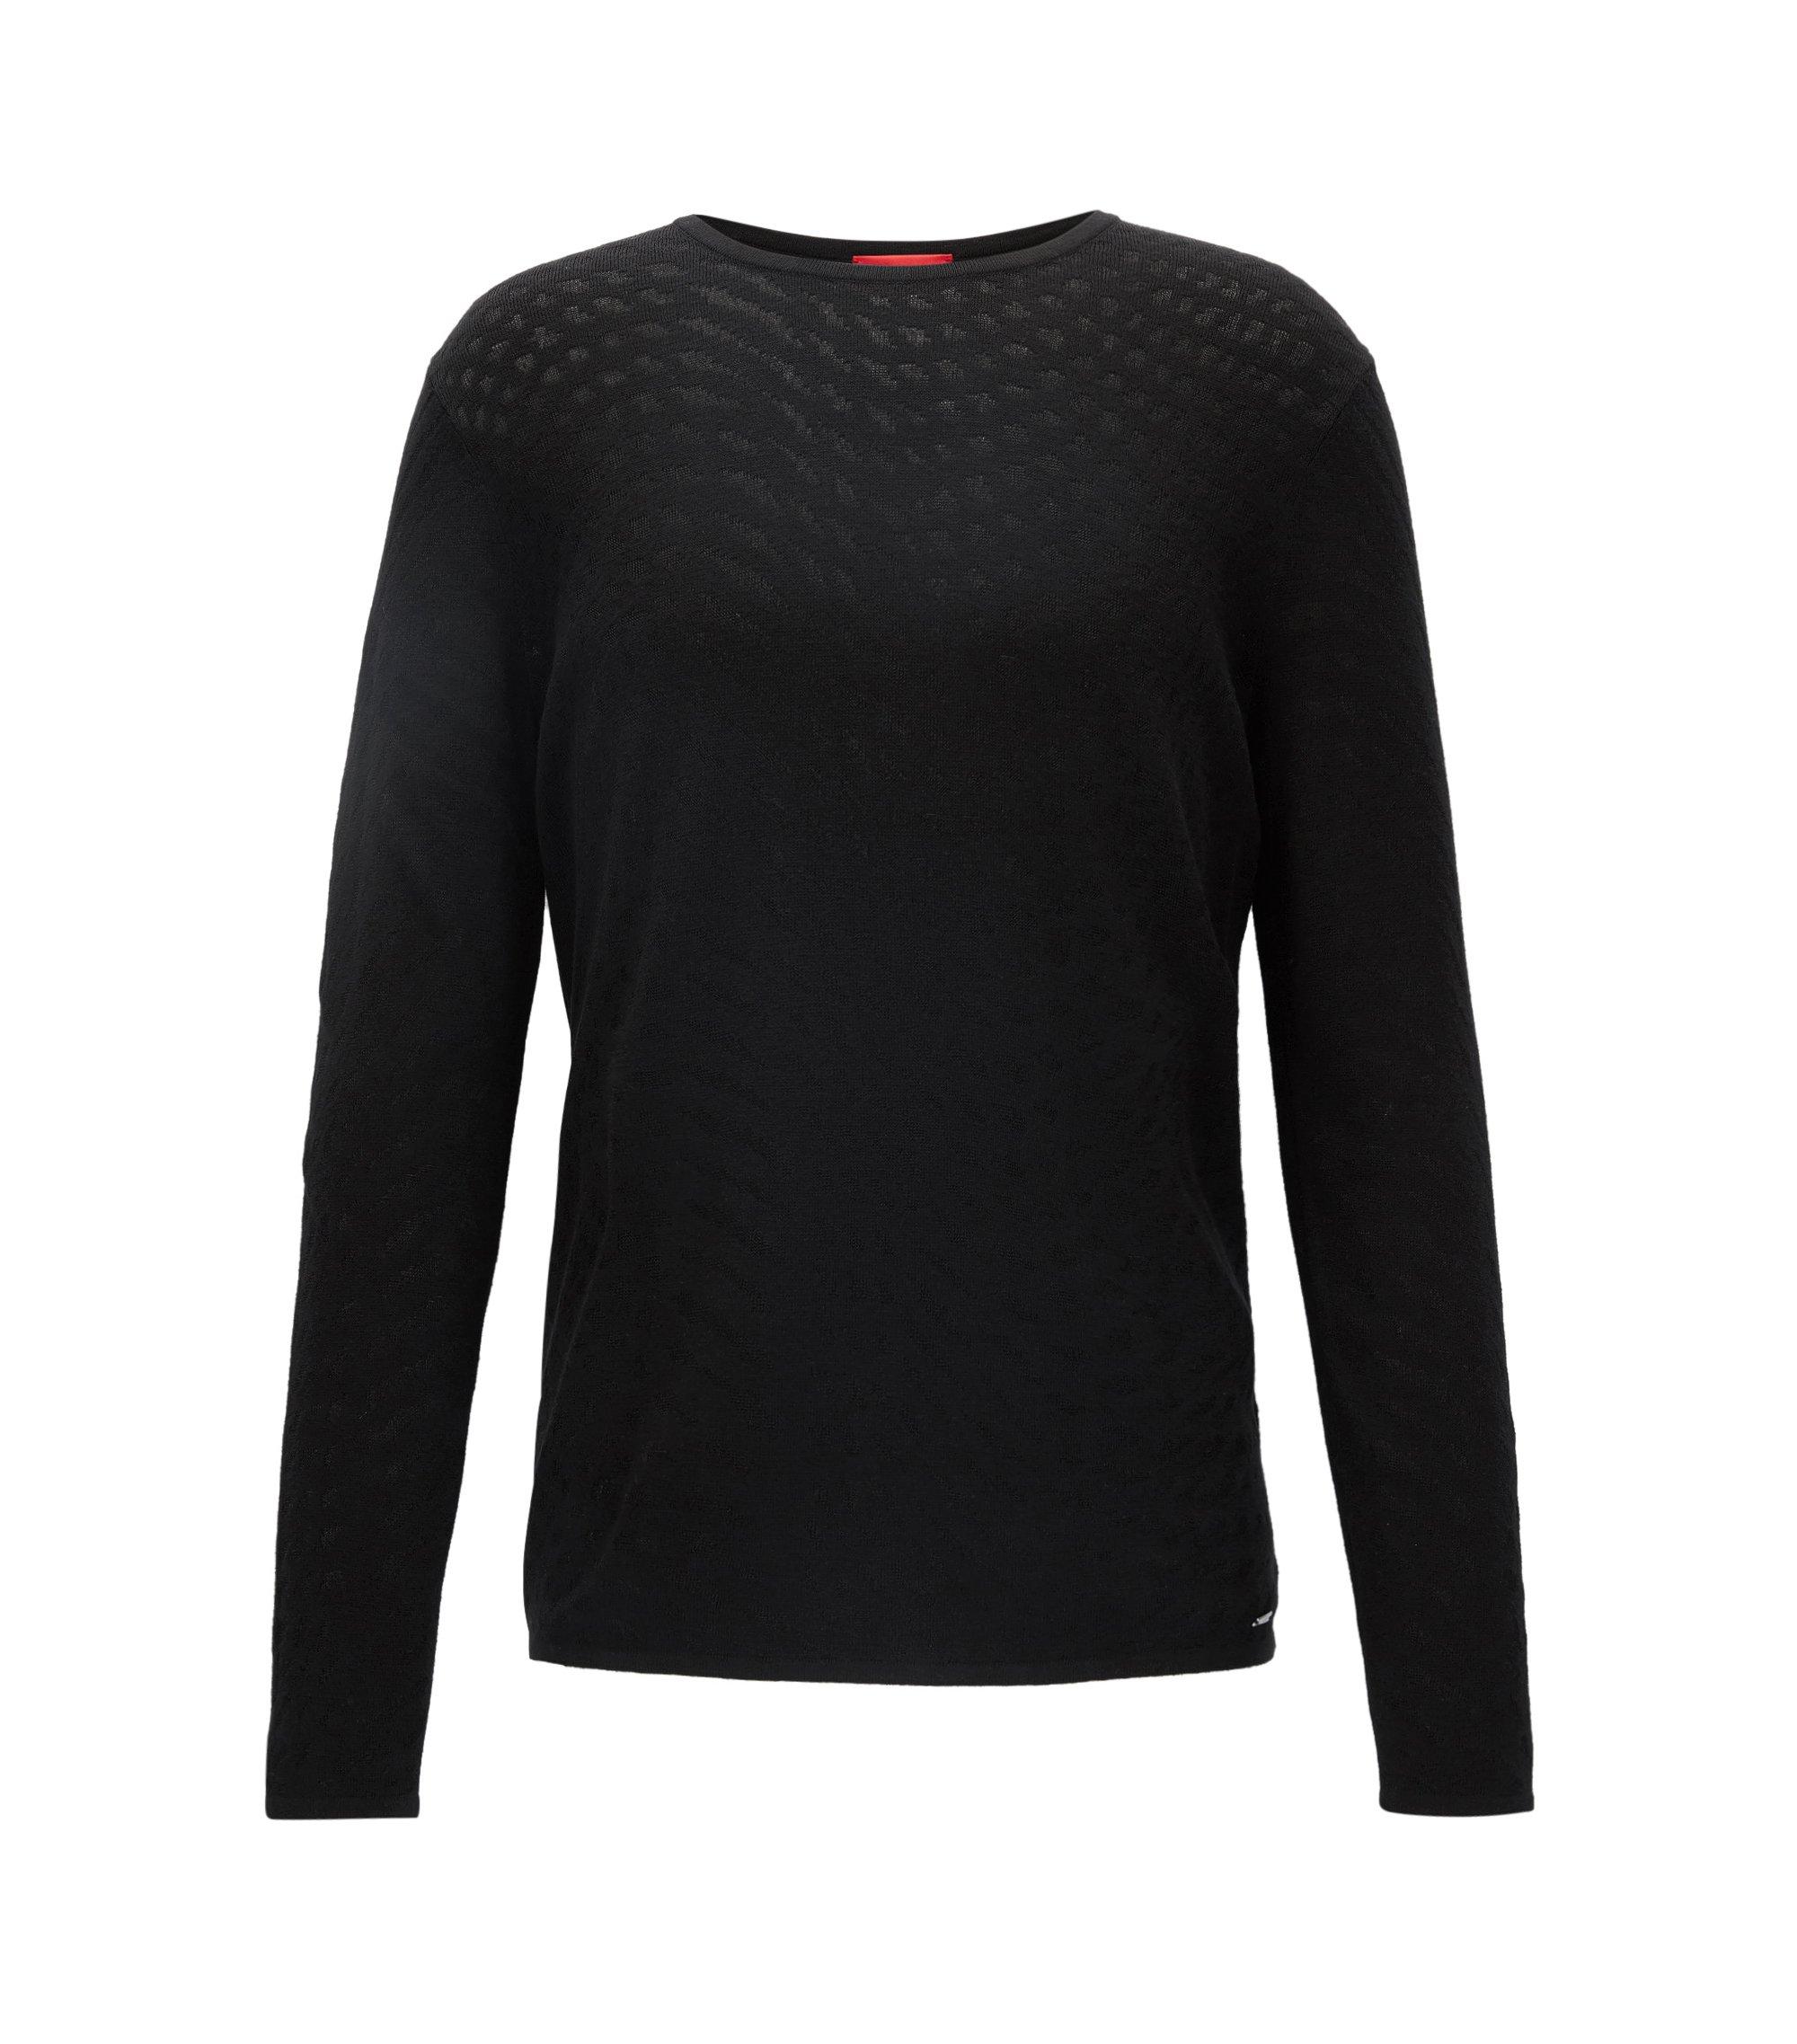 Pullover aus Jacquard mit Rundhalsausschnitt, Schwarz